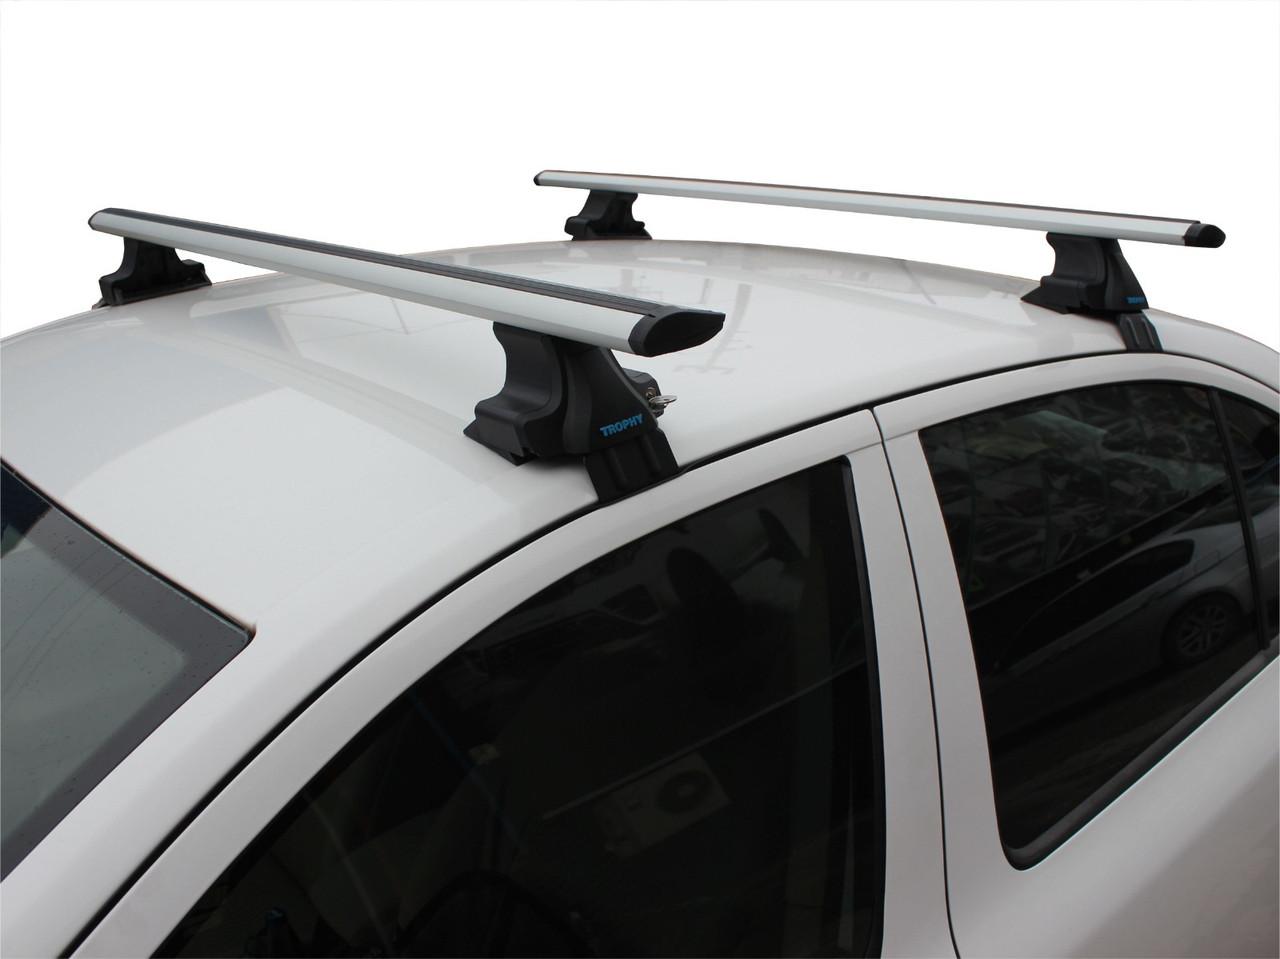 Перемычки на гладкую крышу (2 шт, TrophyBars) Toyota Avensis 2003-2009 гг. / Багажник Тойота Авенсис